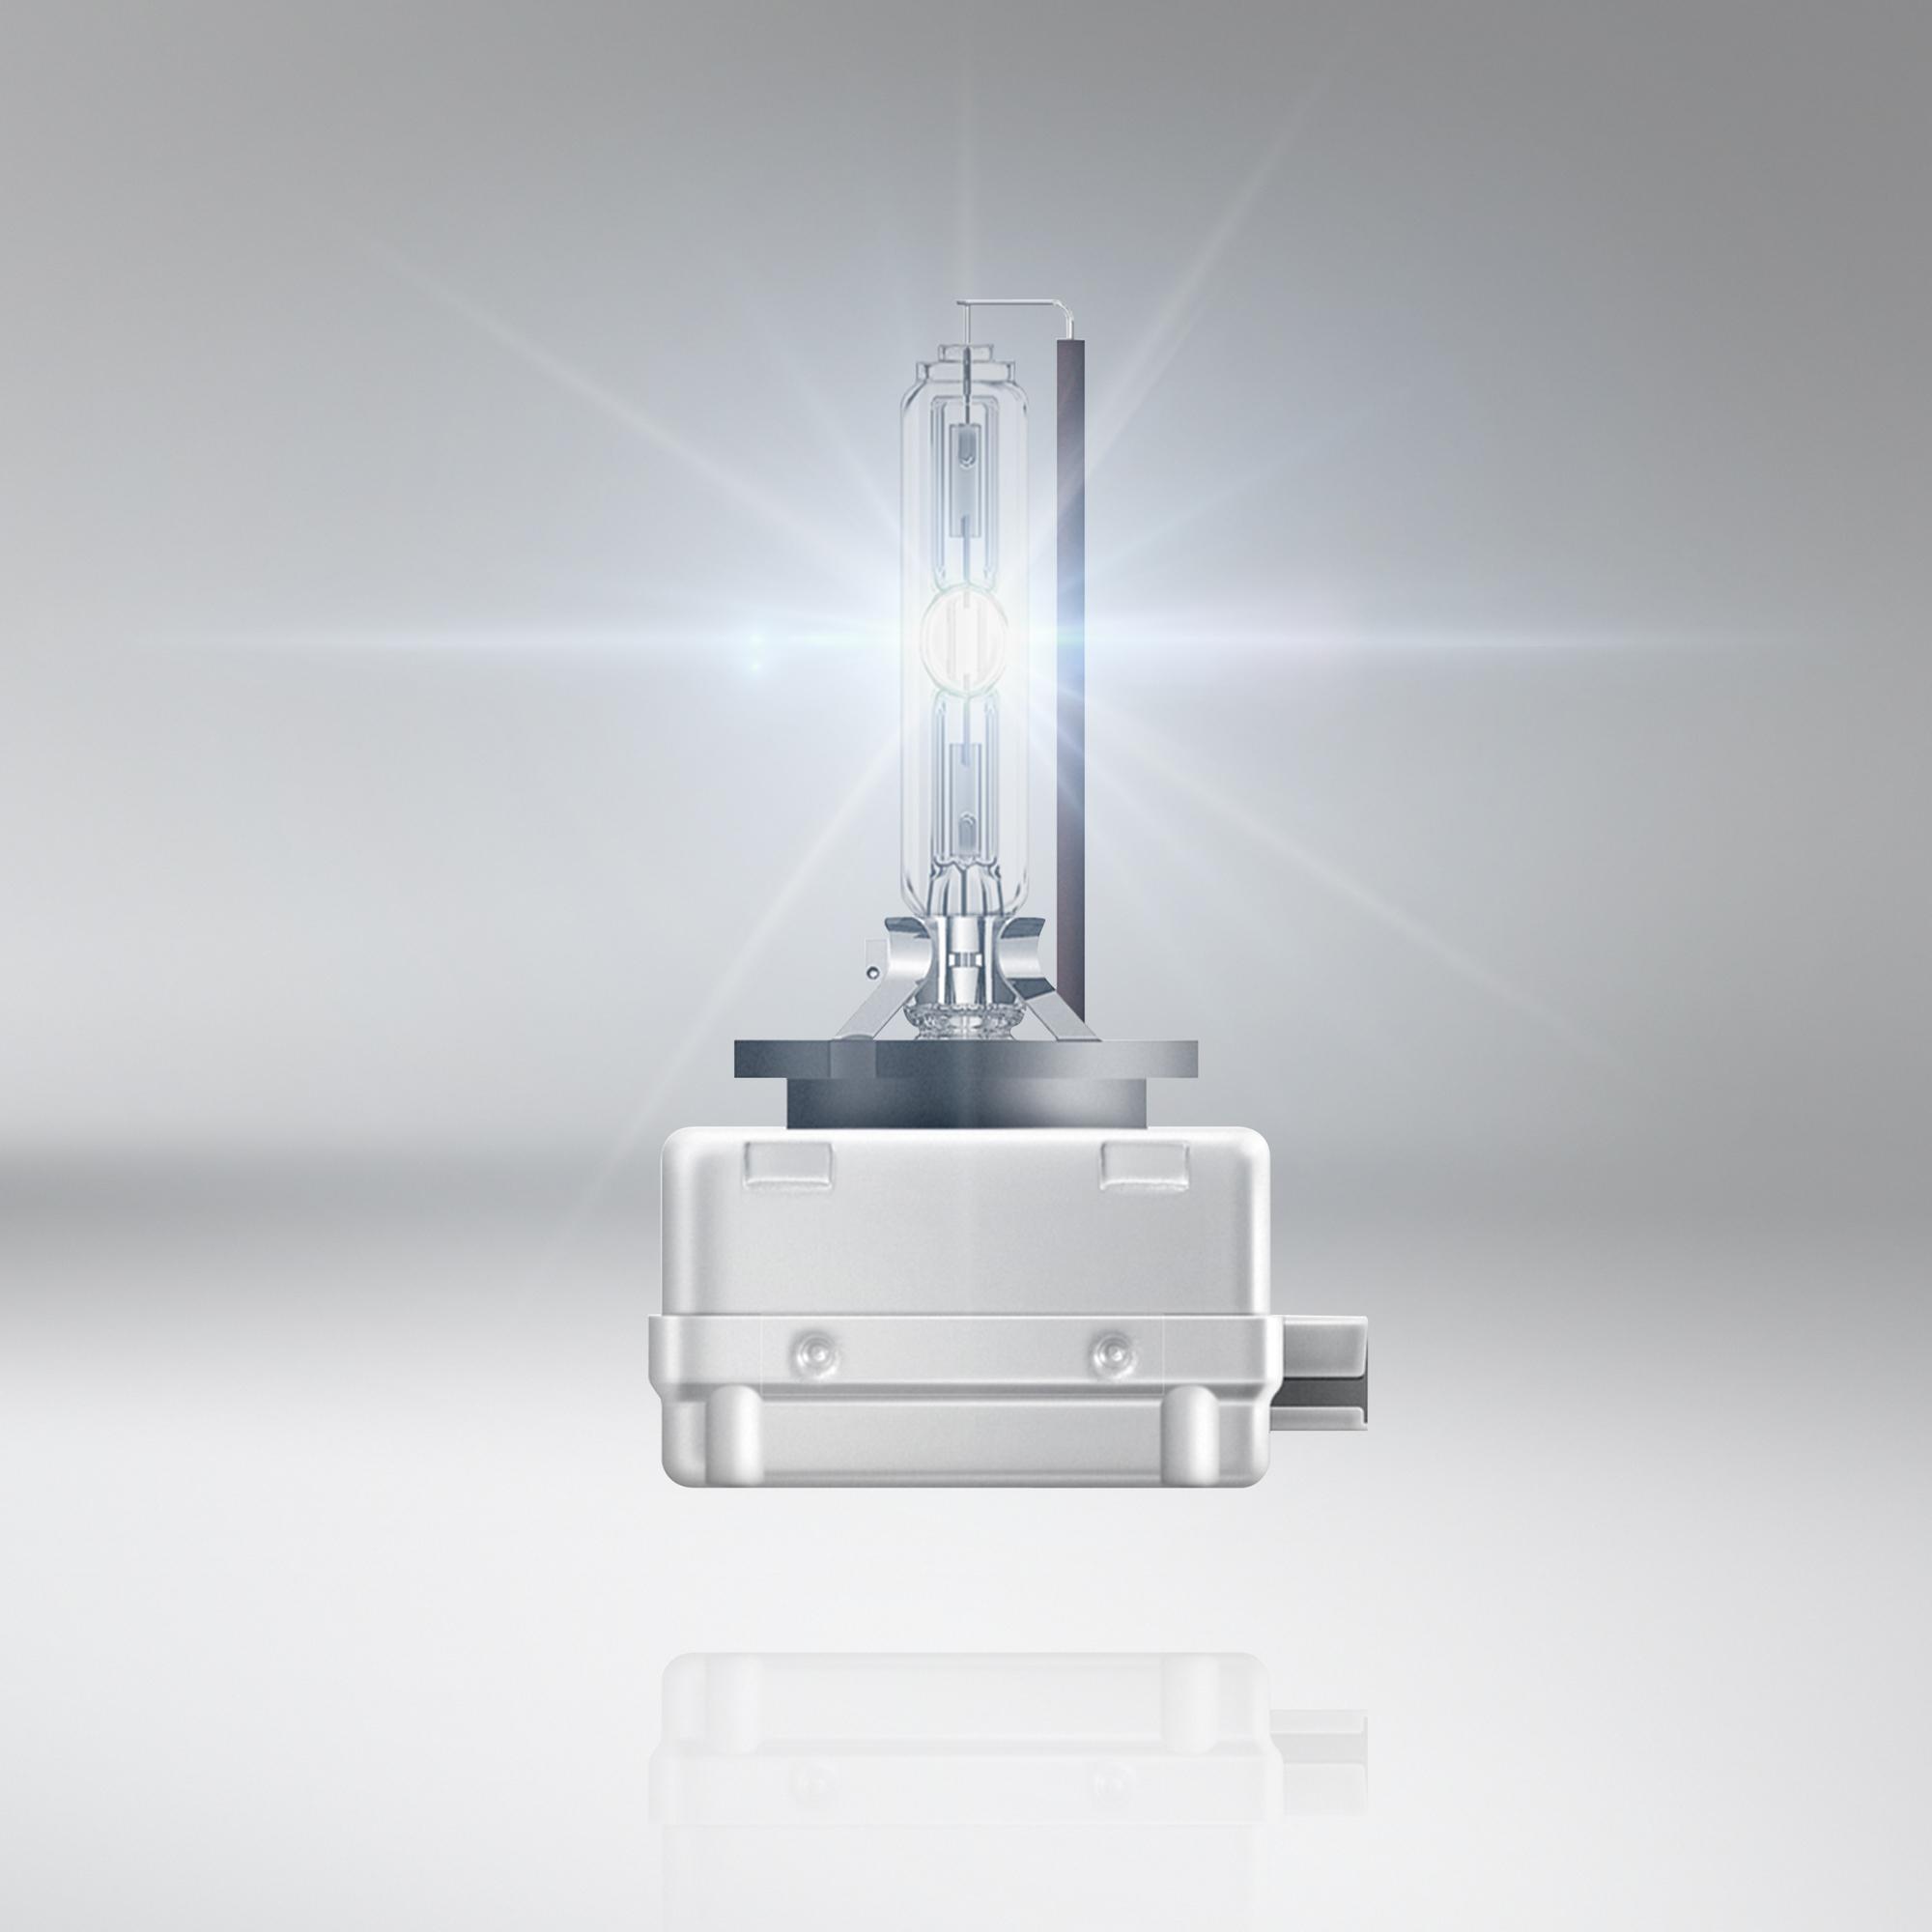 66140 Pære, fjernlys OSRAM - Billige mærke produkter